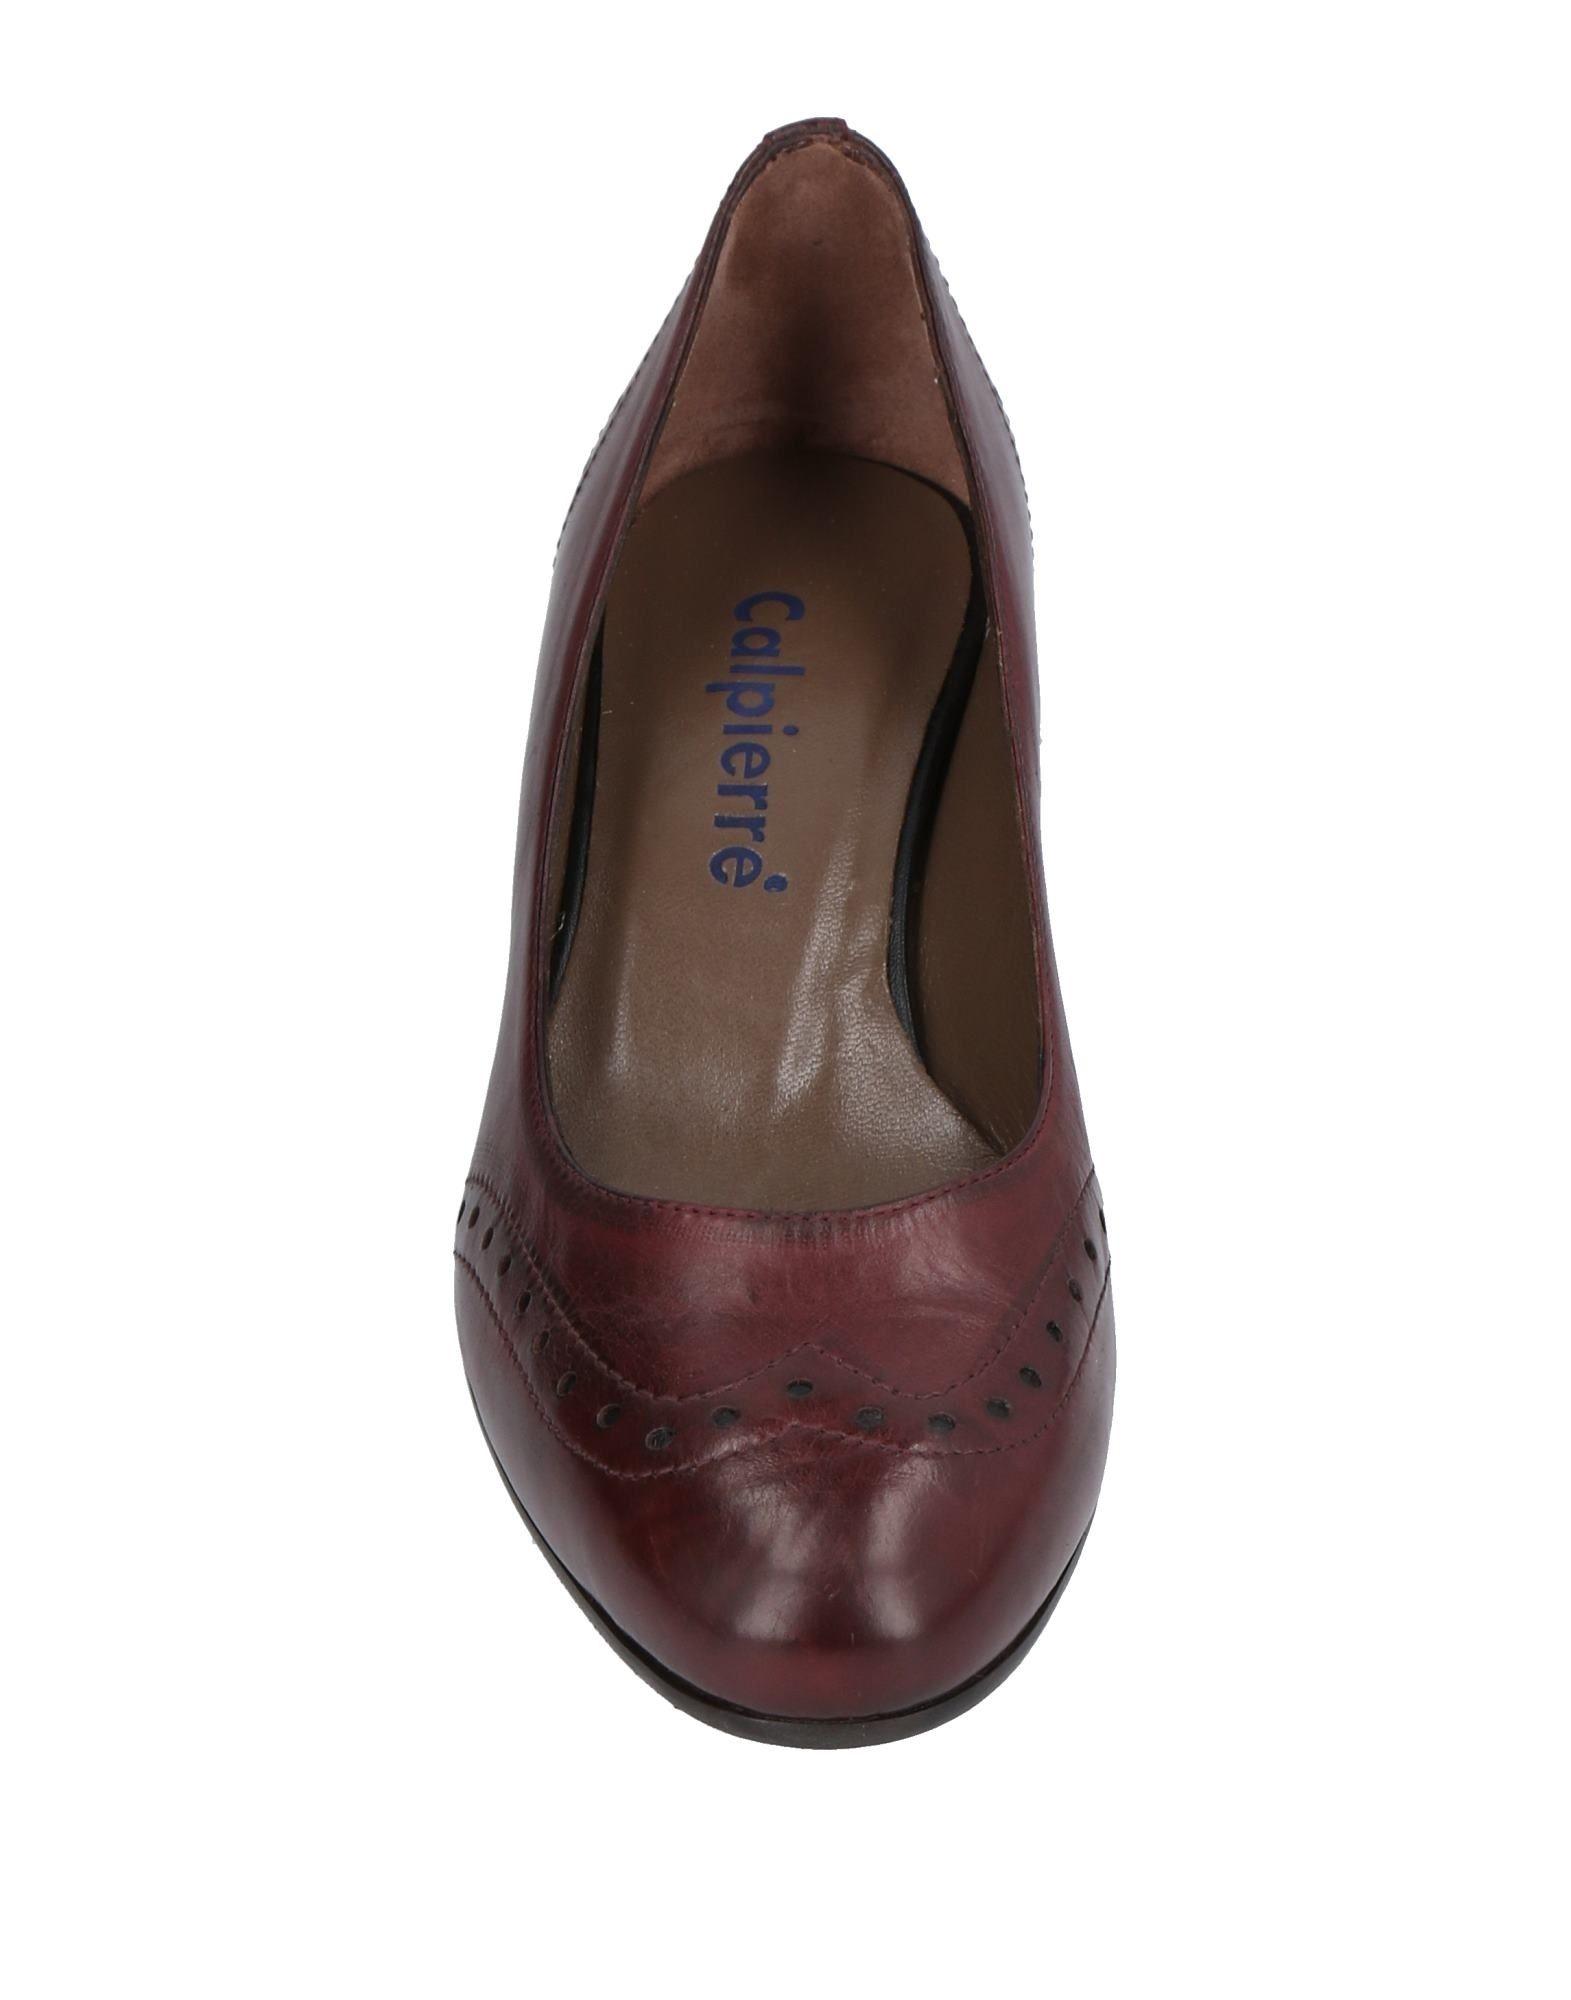 Gut um Pumps billige Schuhe zu tragenCalpierre Pumps um Damen  11459212CR 7a3d8f